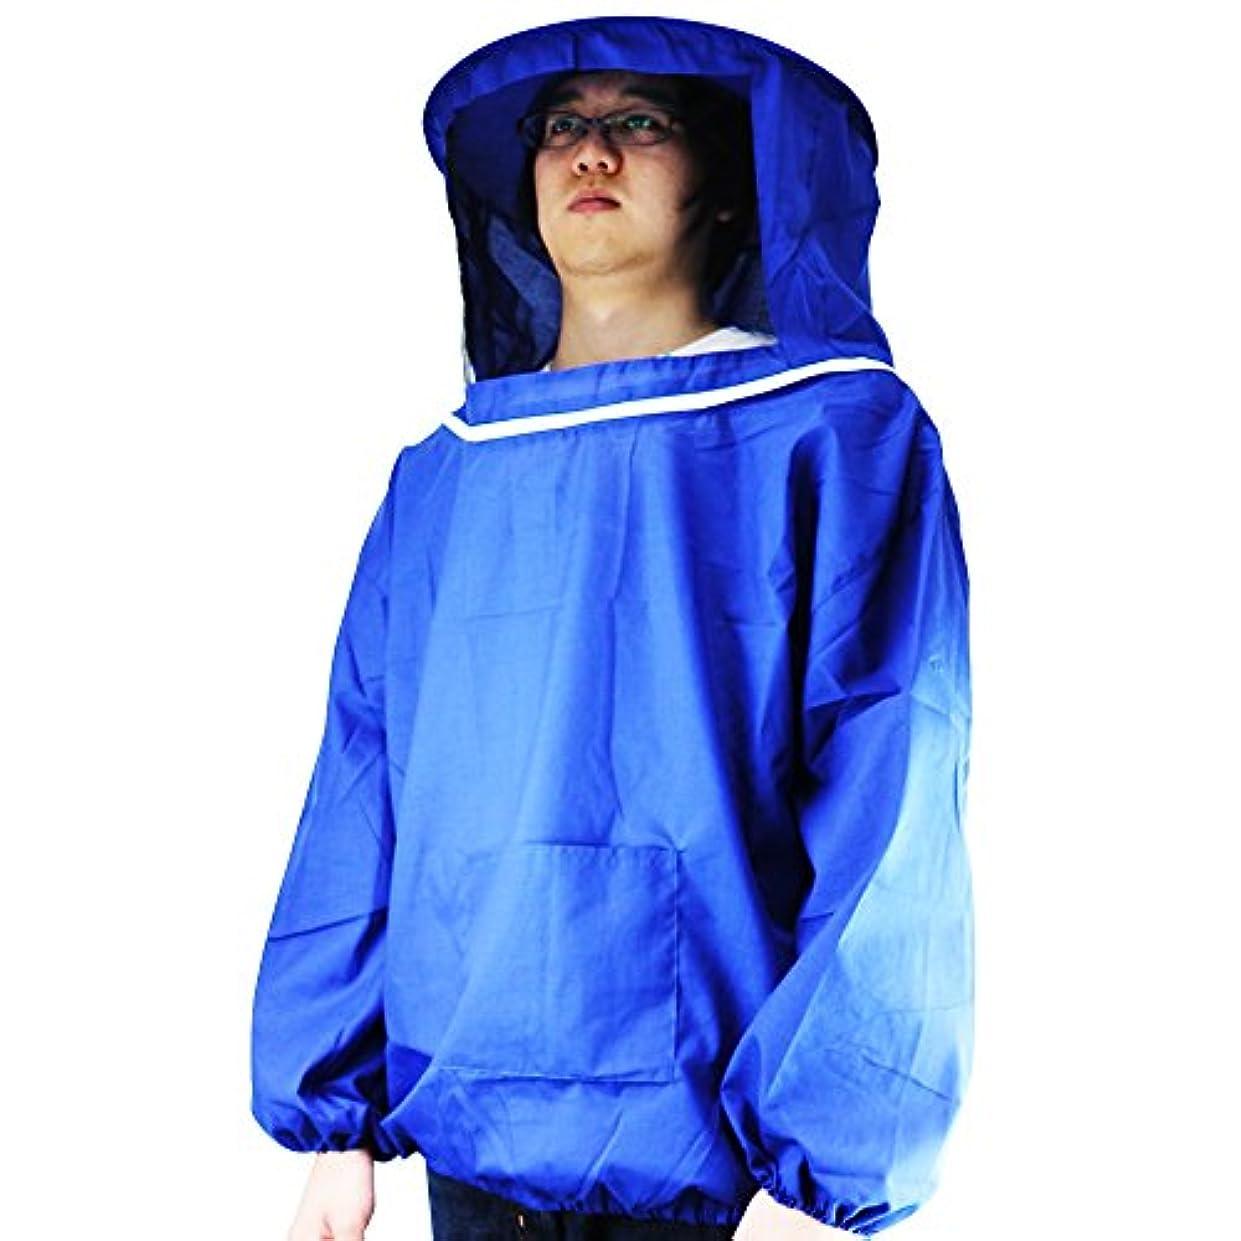 形式麻痺させる印象的Mikotox 虫よけ防護服 上着式 上半身を丸ごとガード 養蜂やガーデニング作業中の虫刺され防止に